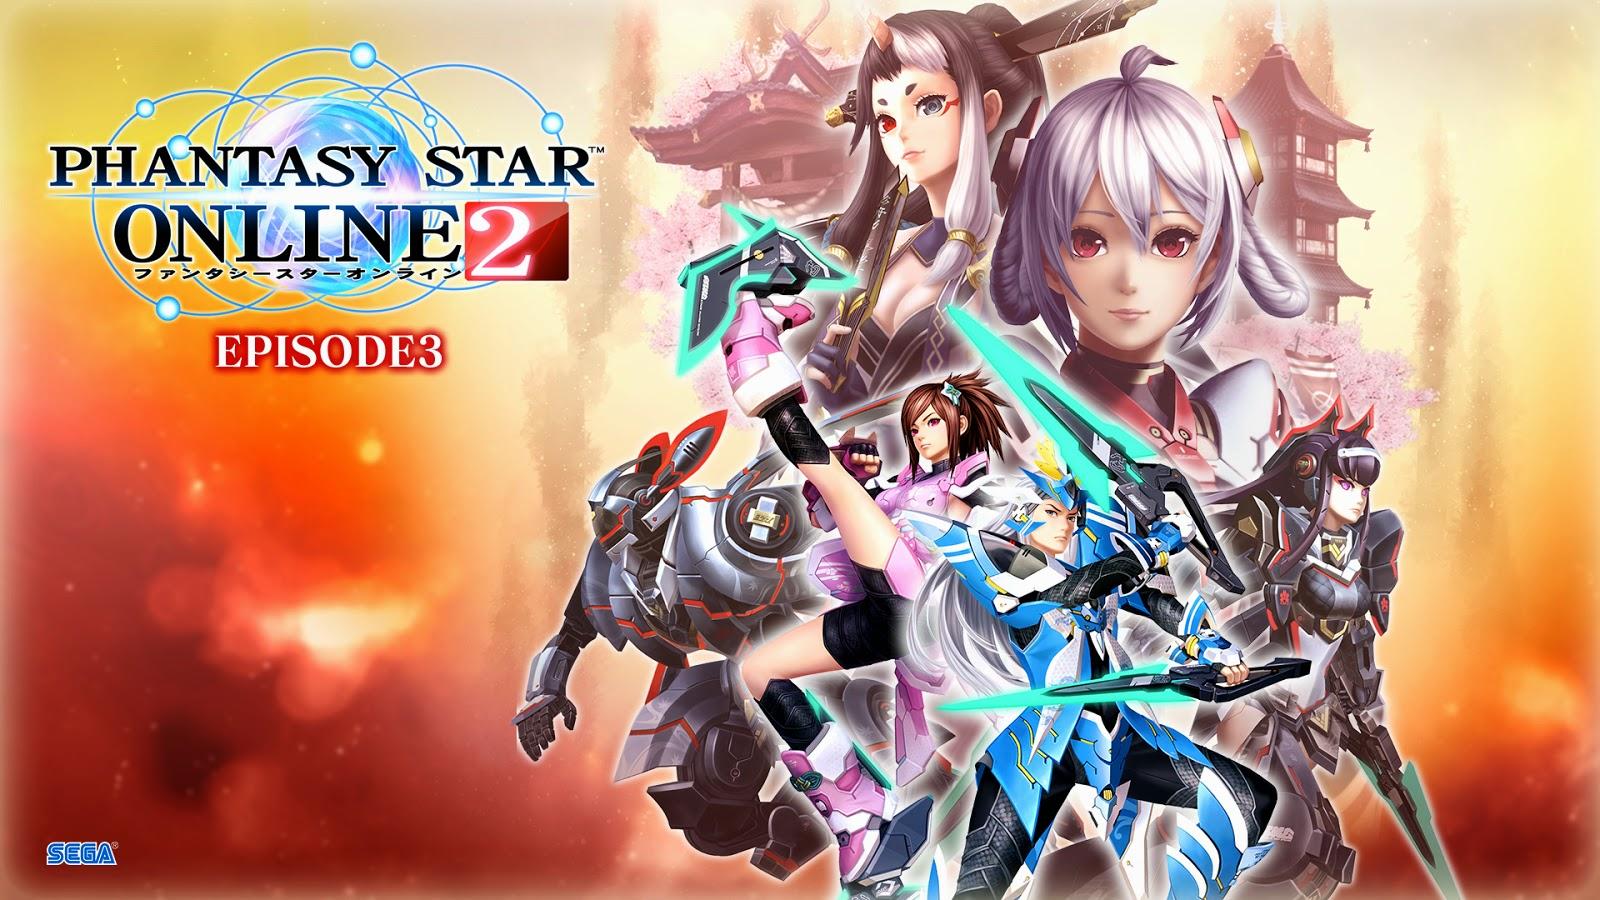 monaちゃんのノート: phantasy star online 2